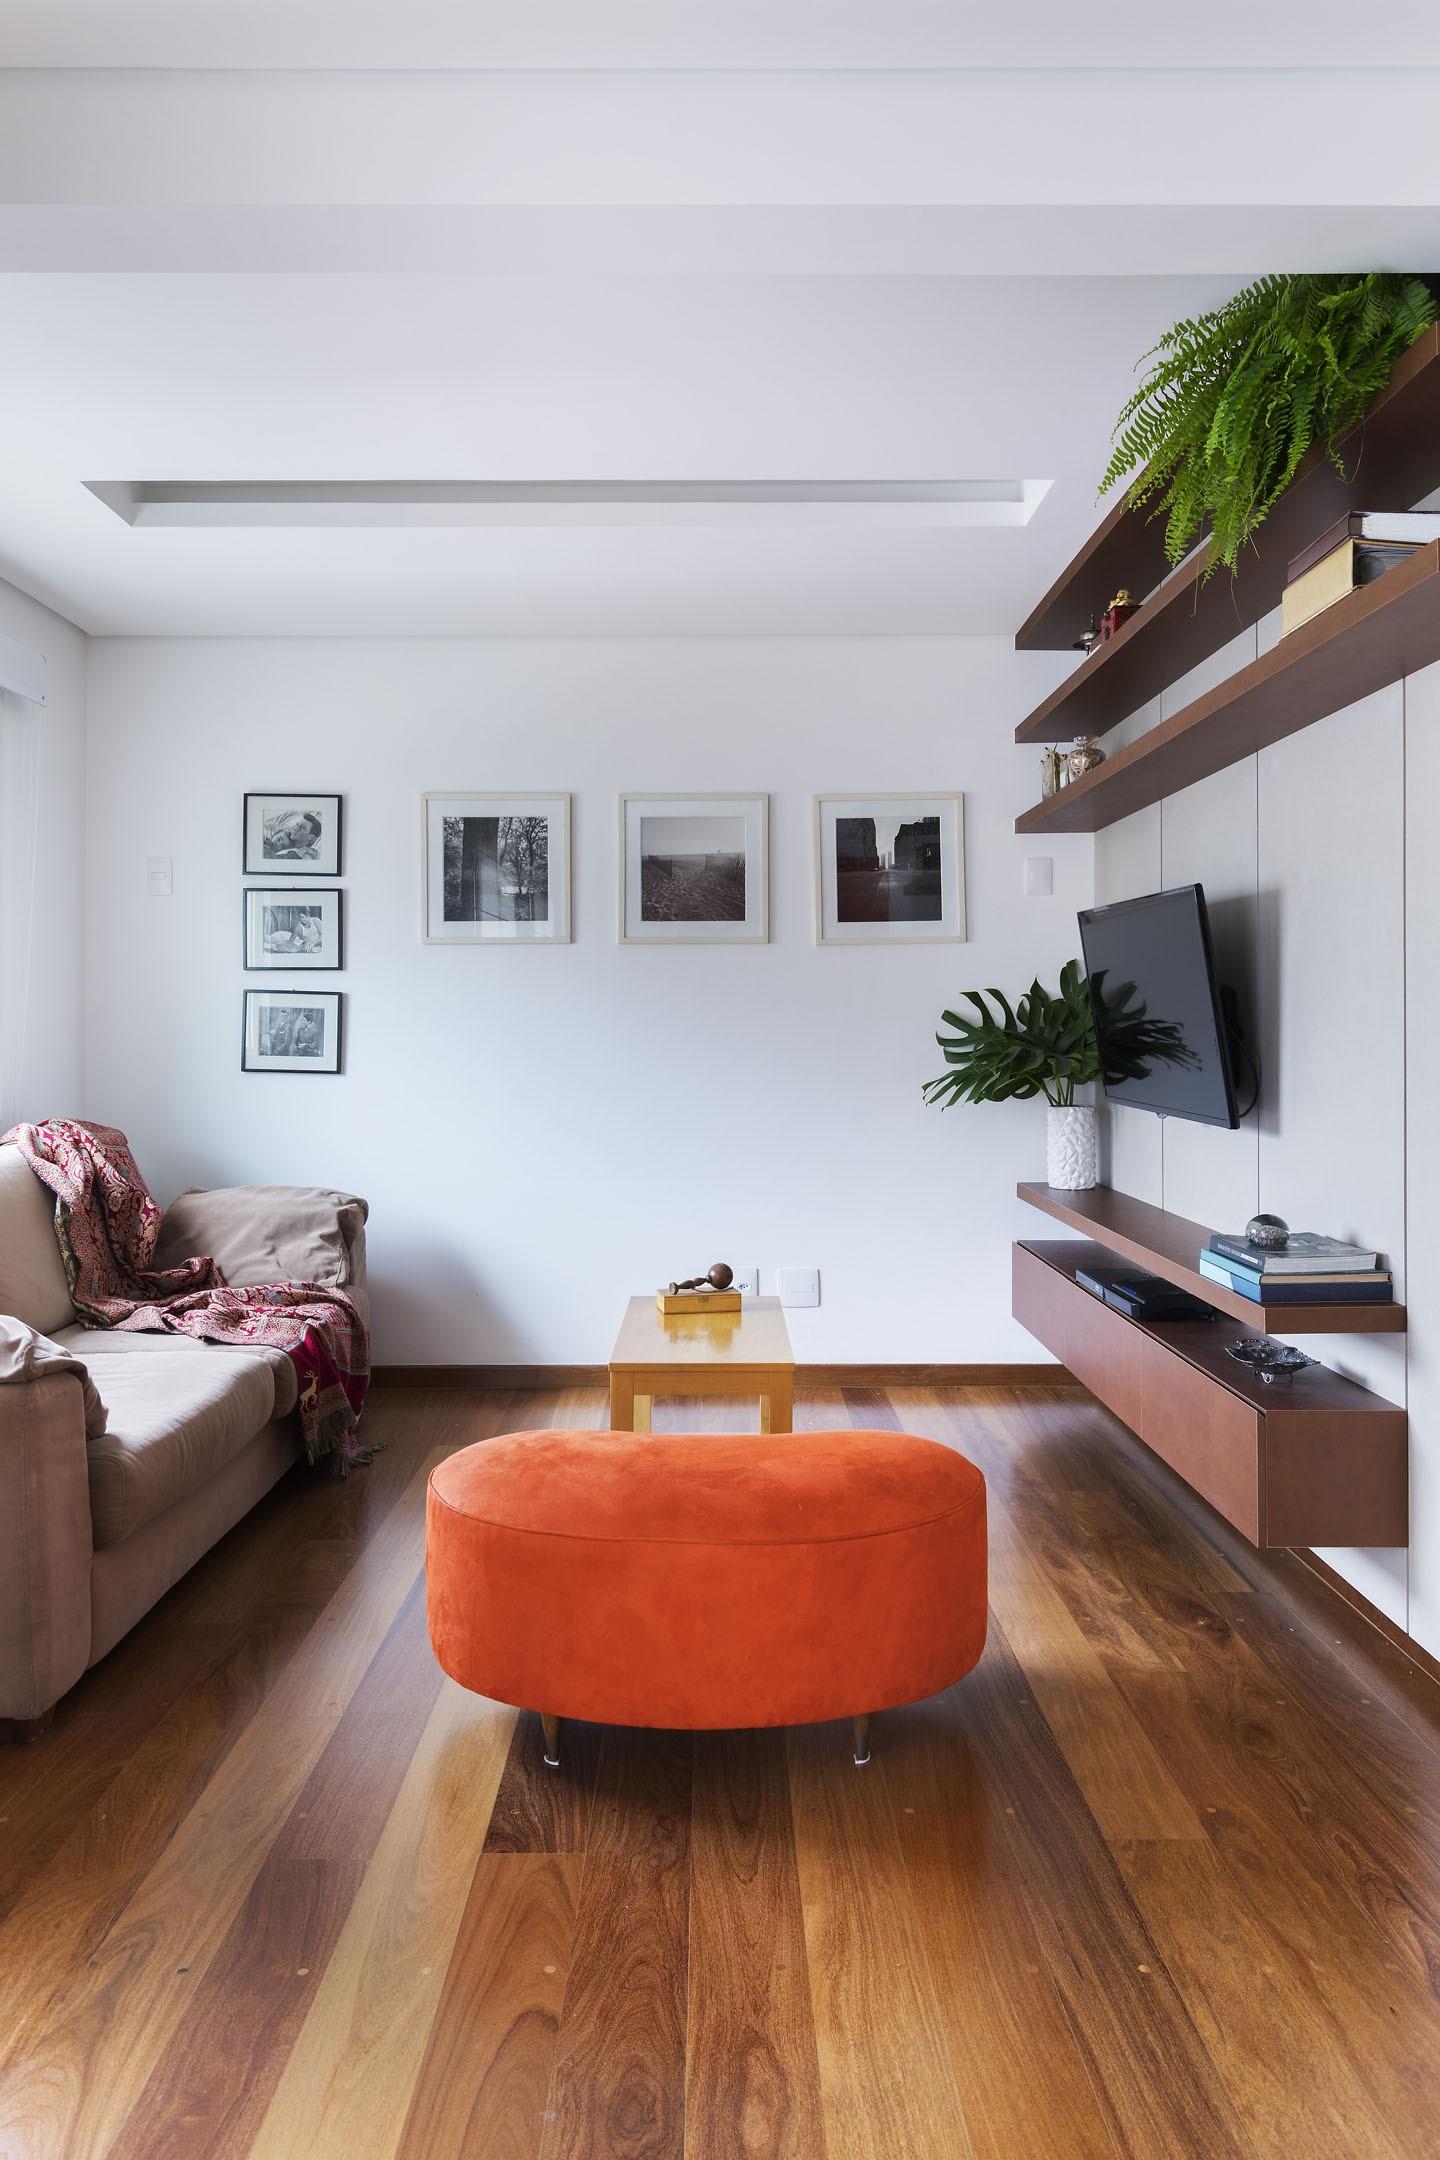 Sala com TV, sofá, puff decorativo e piso de madeira.